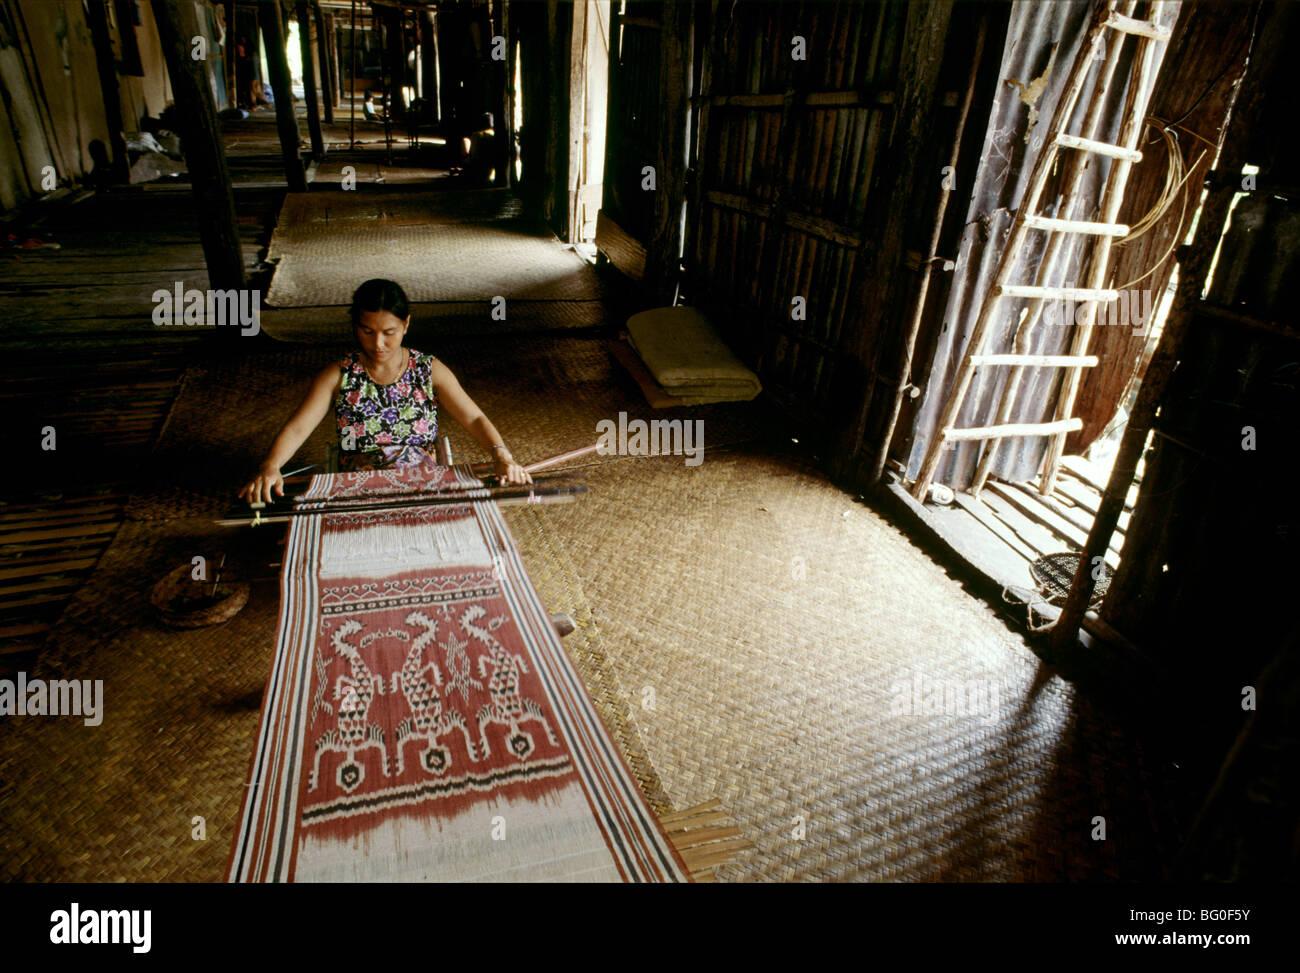 Ikat weaving at an Iban Longhouse, Sarawak, Malaysia, Southeast Asia, Asia - Stock Image